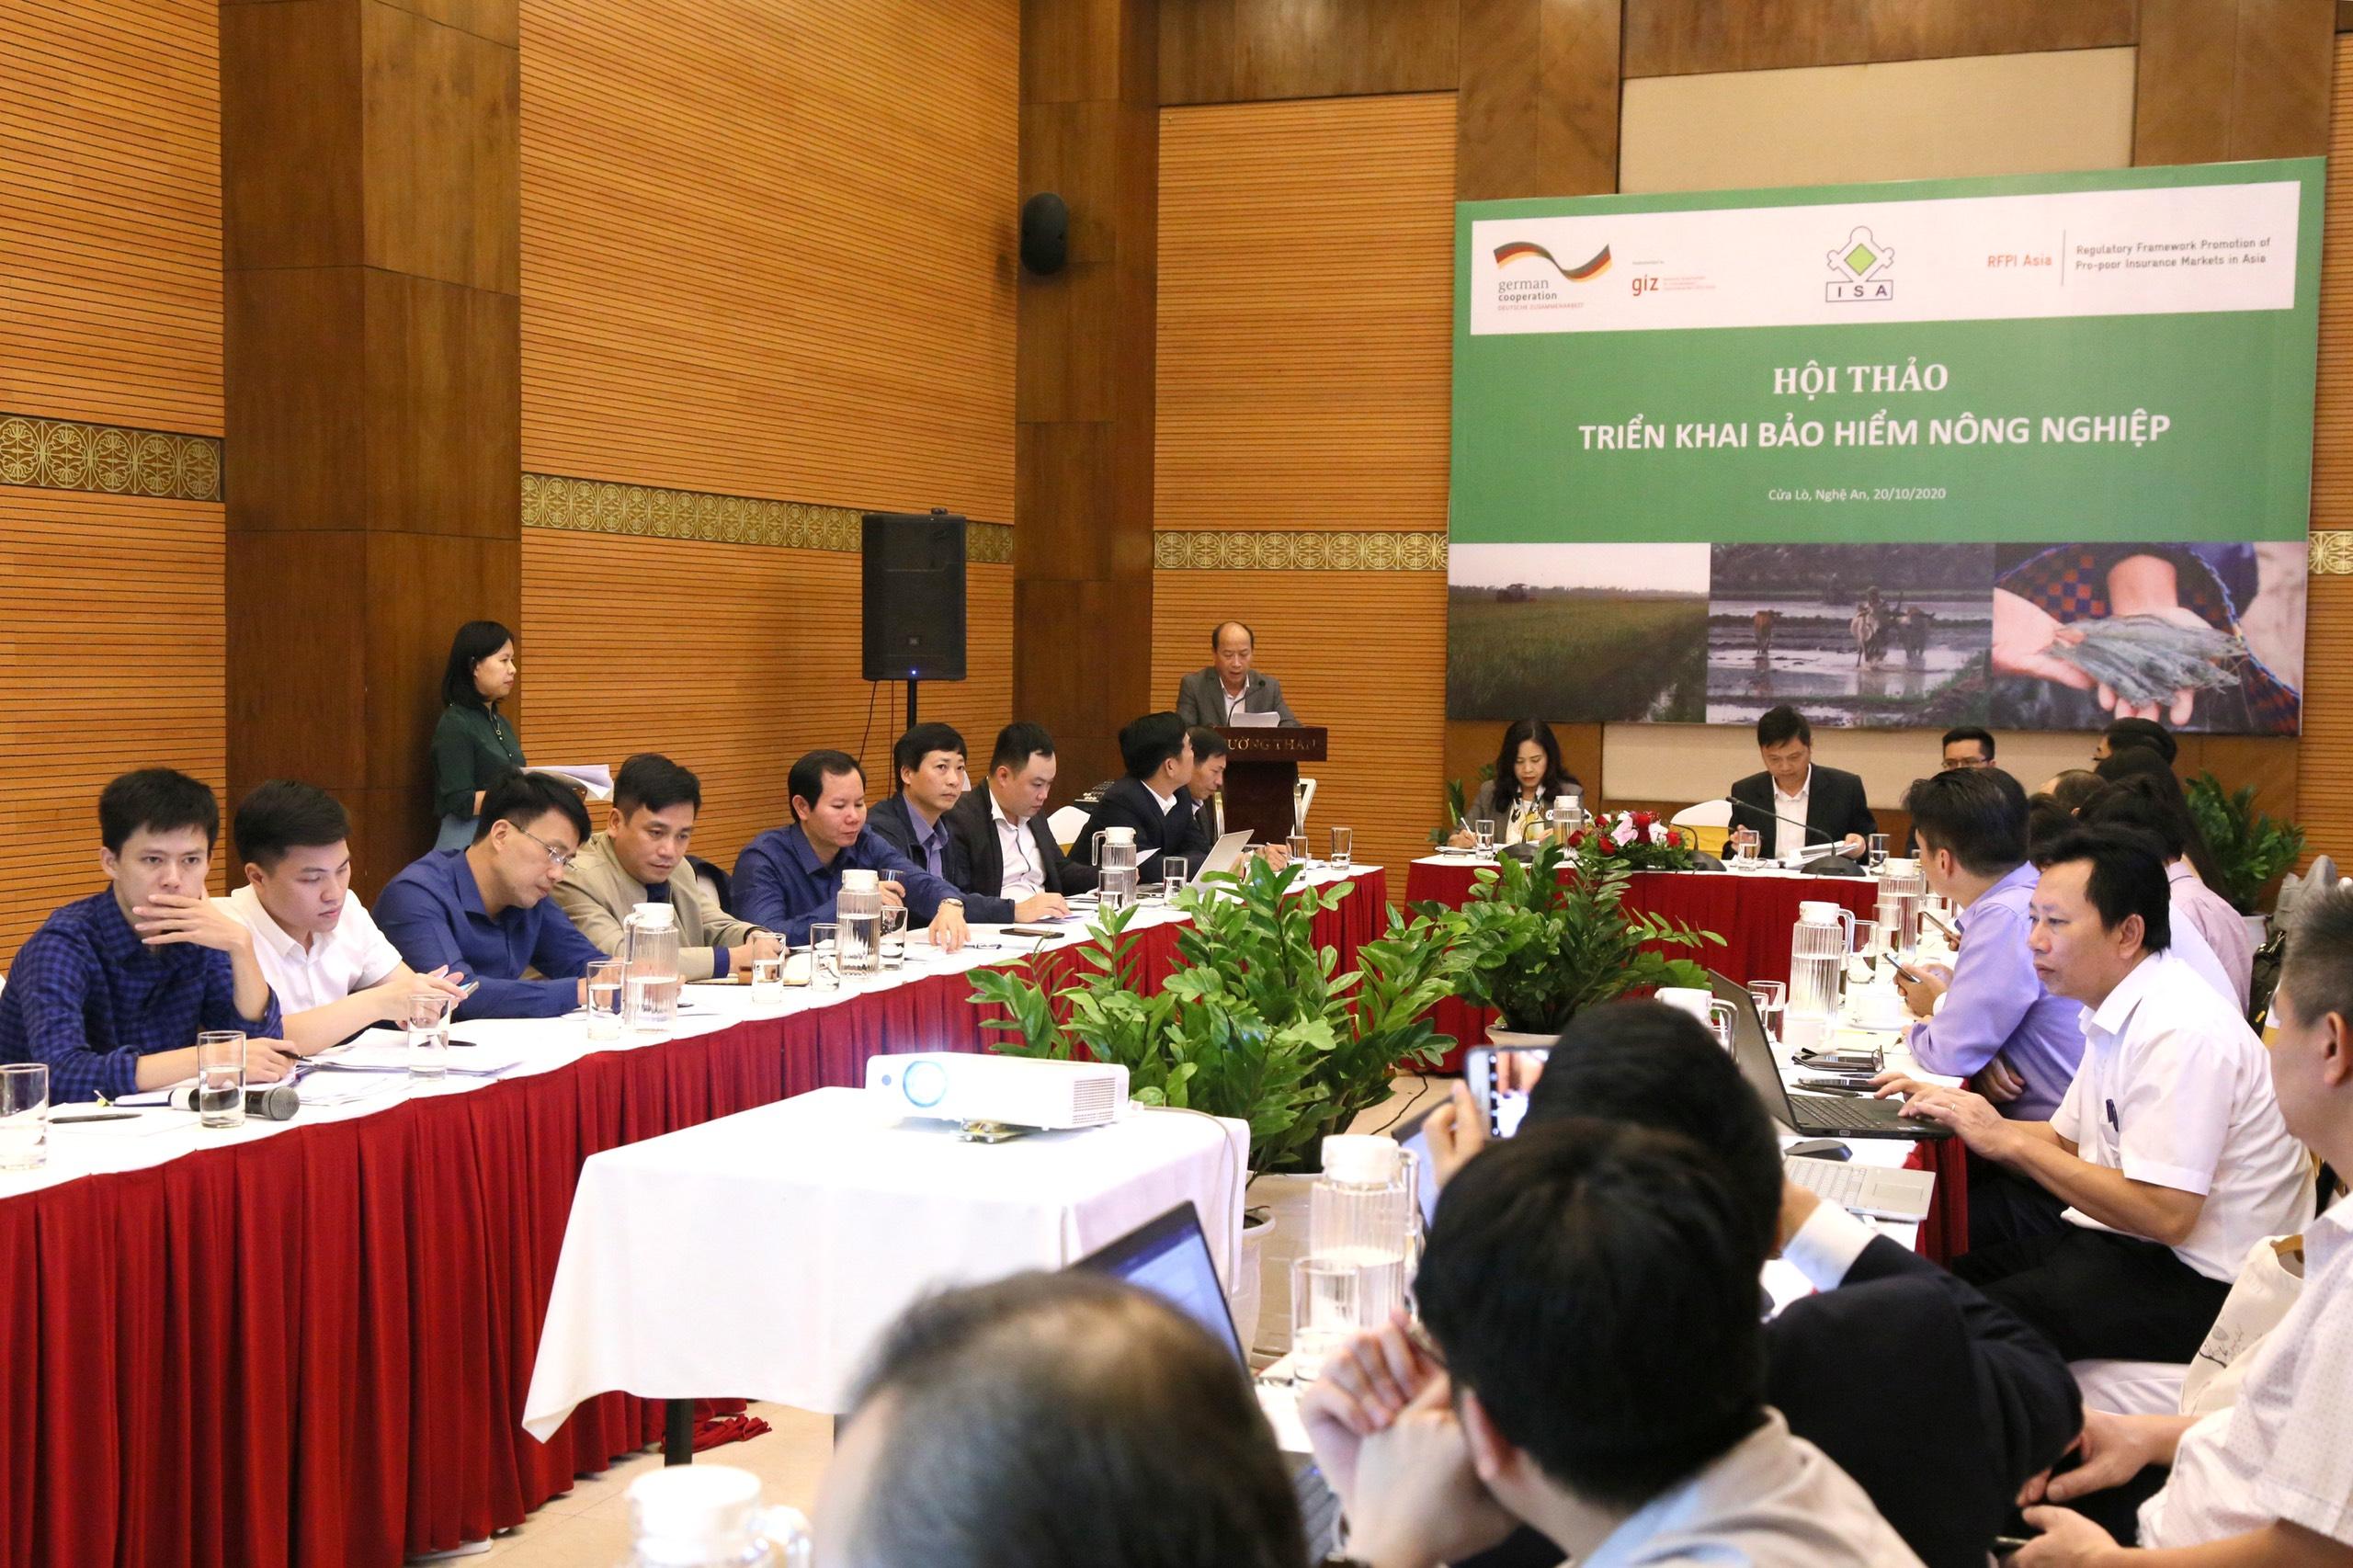 Hội thảo triển khai bảo hiểm nông nghiệp theo Quyết định số 22/QĐ-TTg